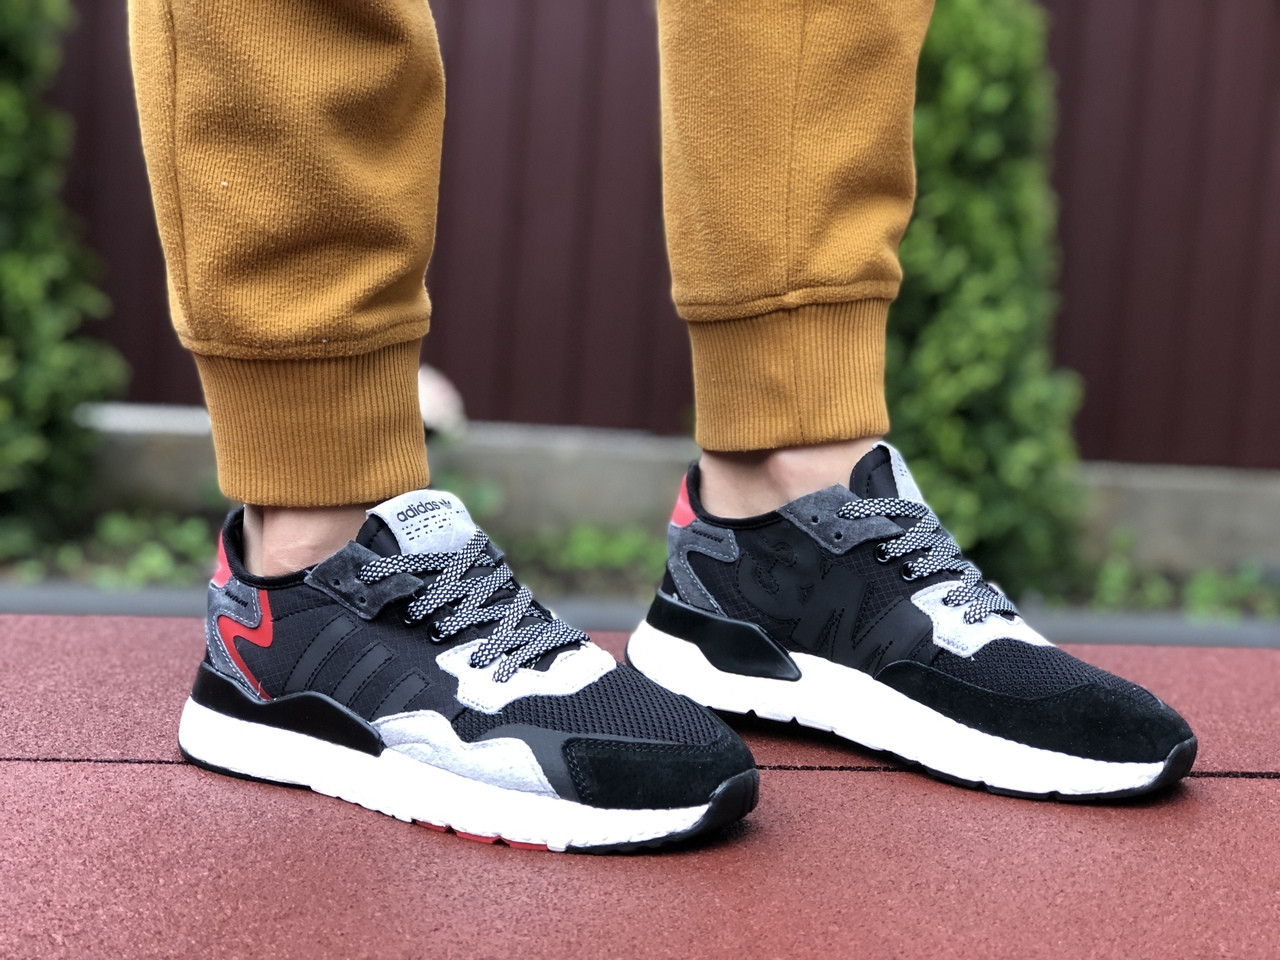 Жіночі кросівки Adidas Nite Jogger Boost 3M (чорно-білі з сірим) 9440